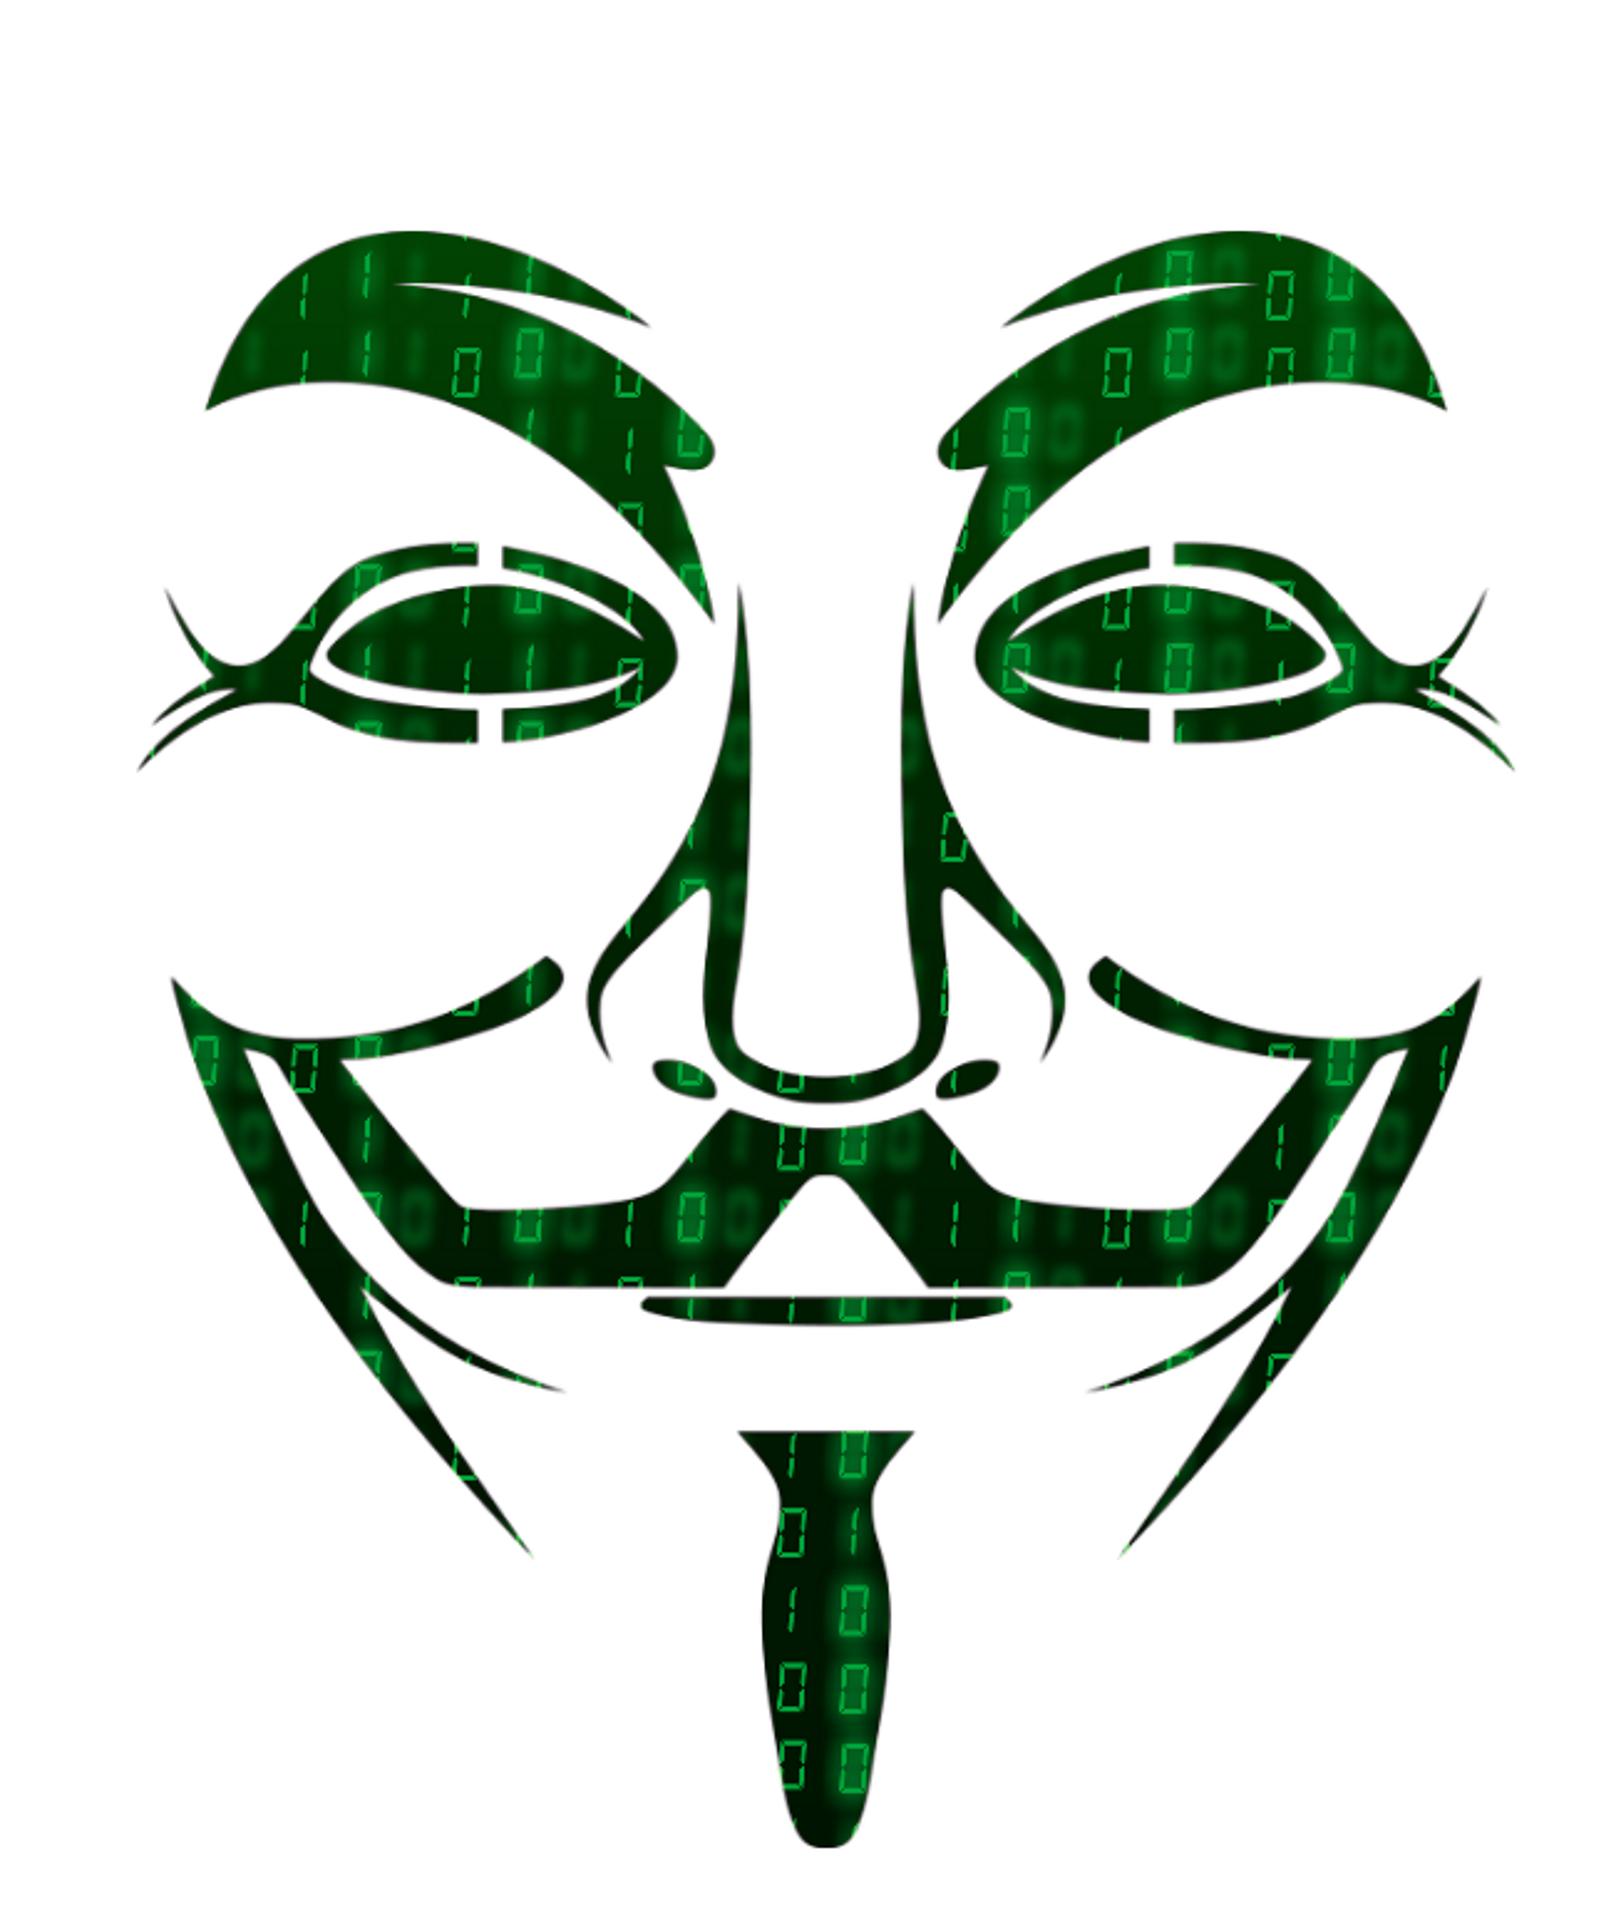 hacker-1811568_1920.png